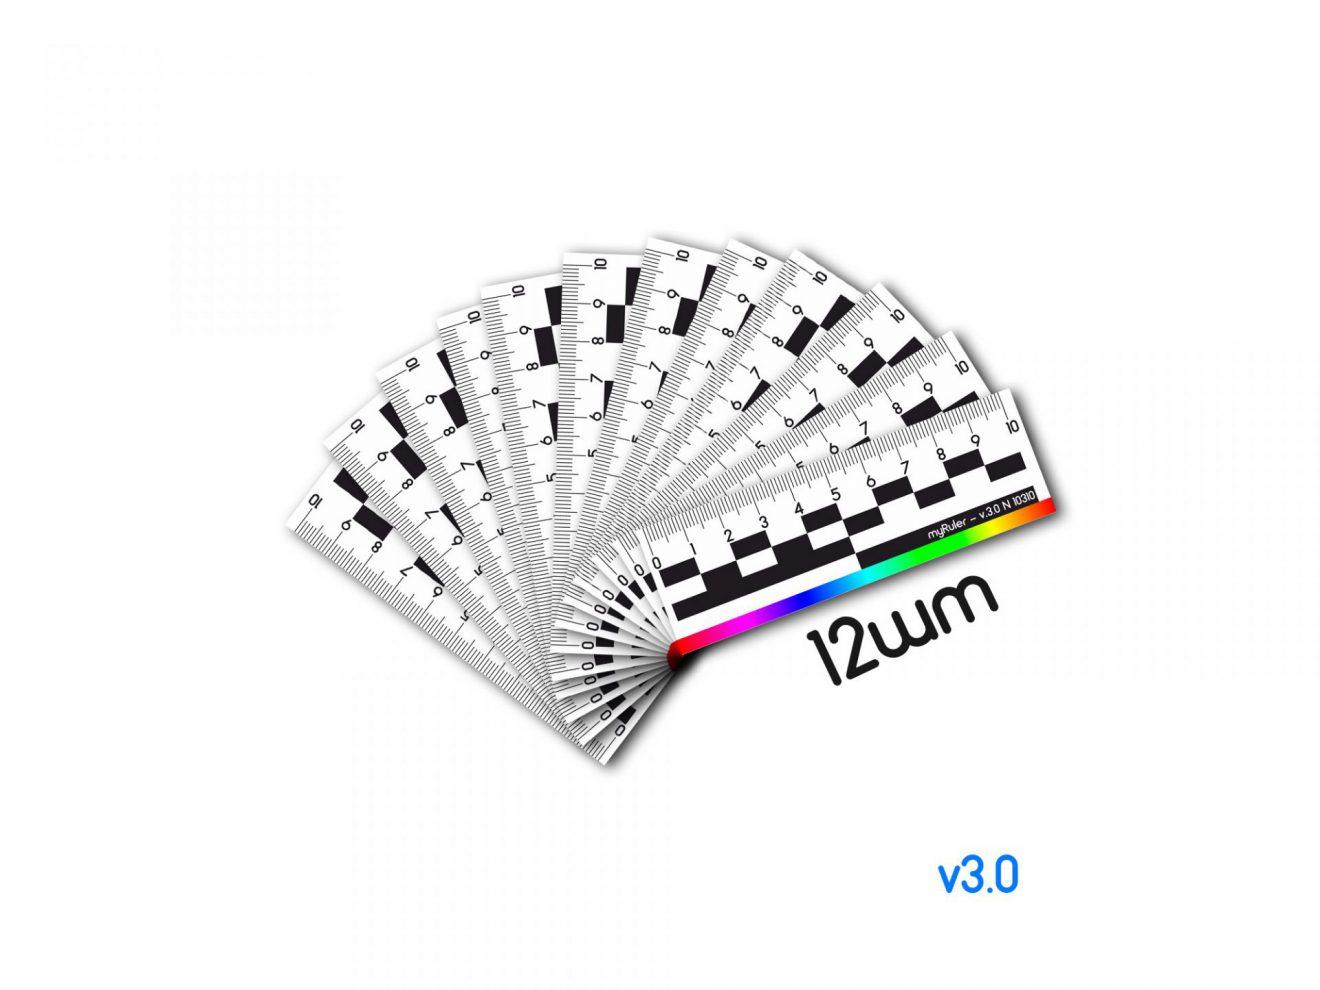 Набор из 12шт масштабных магнитных линеек 10см (пластик) c цветной полосой v3.0